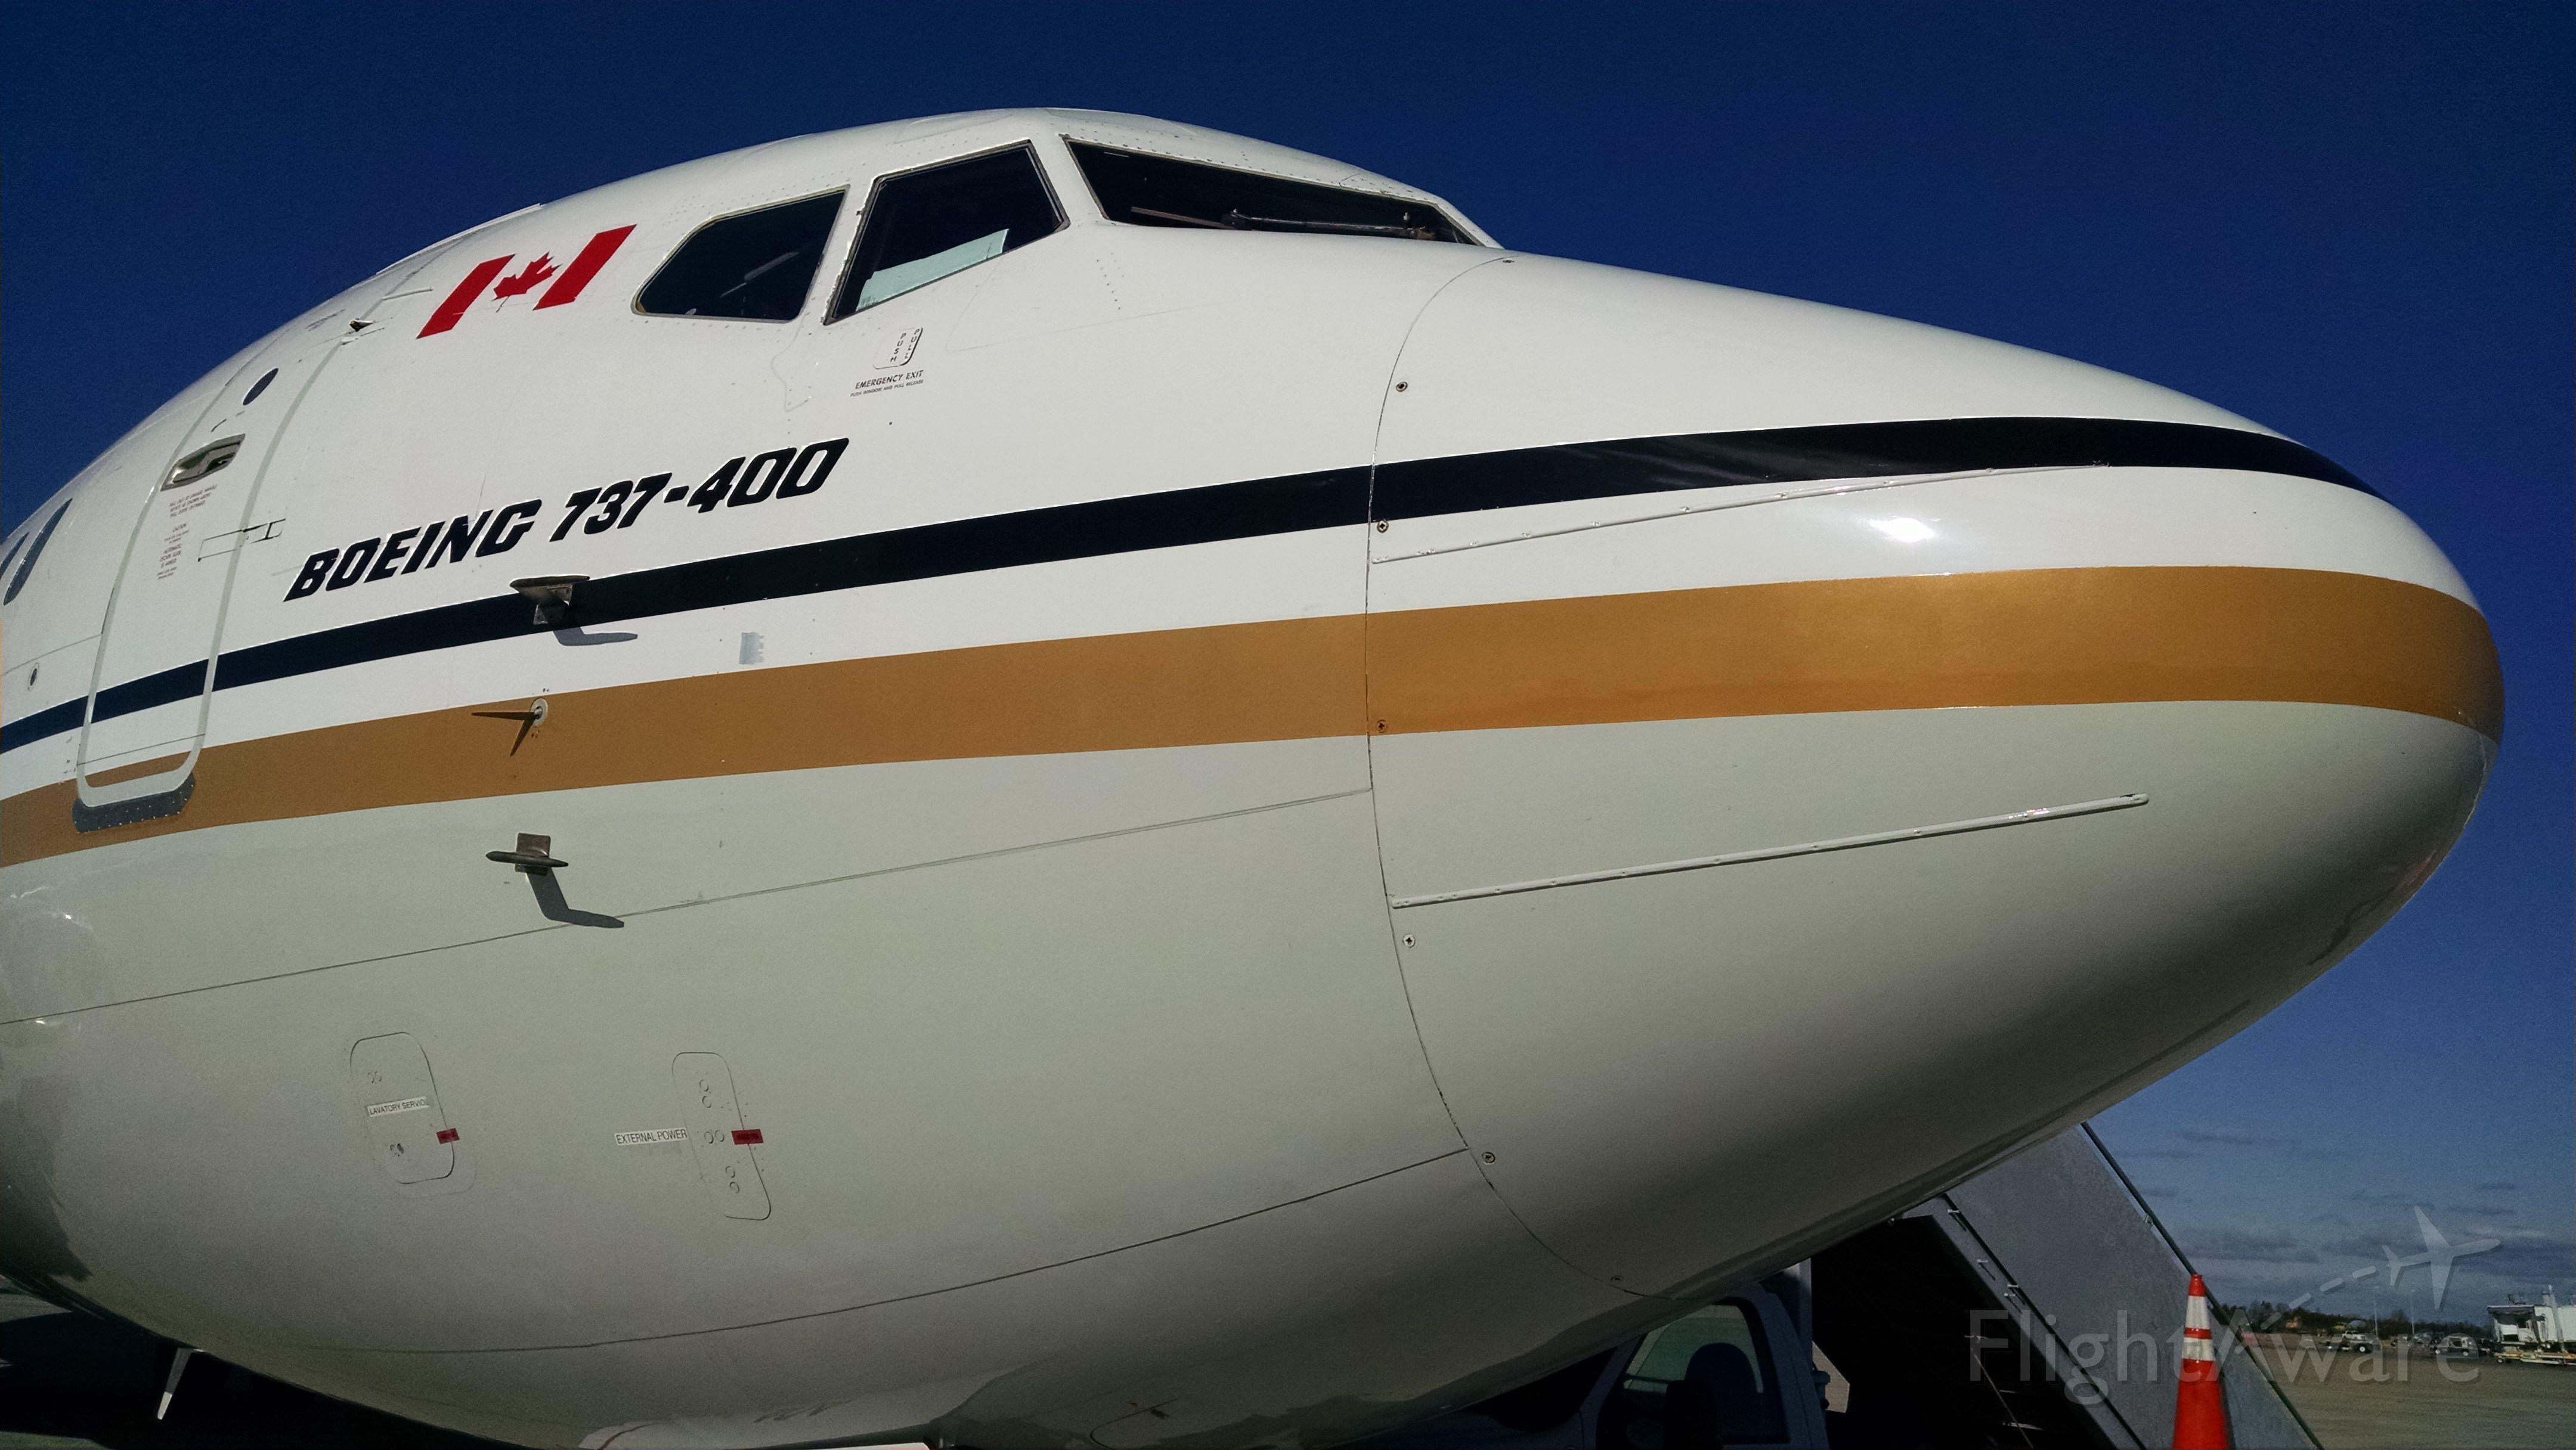 BOEING 737-400 (C-FLDX)